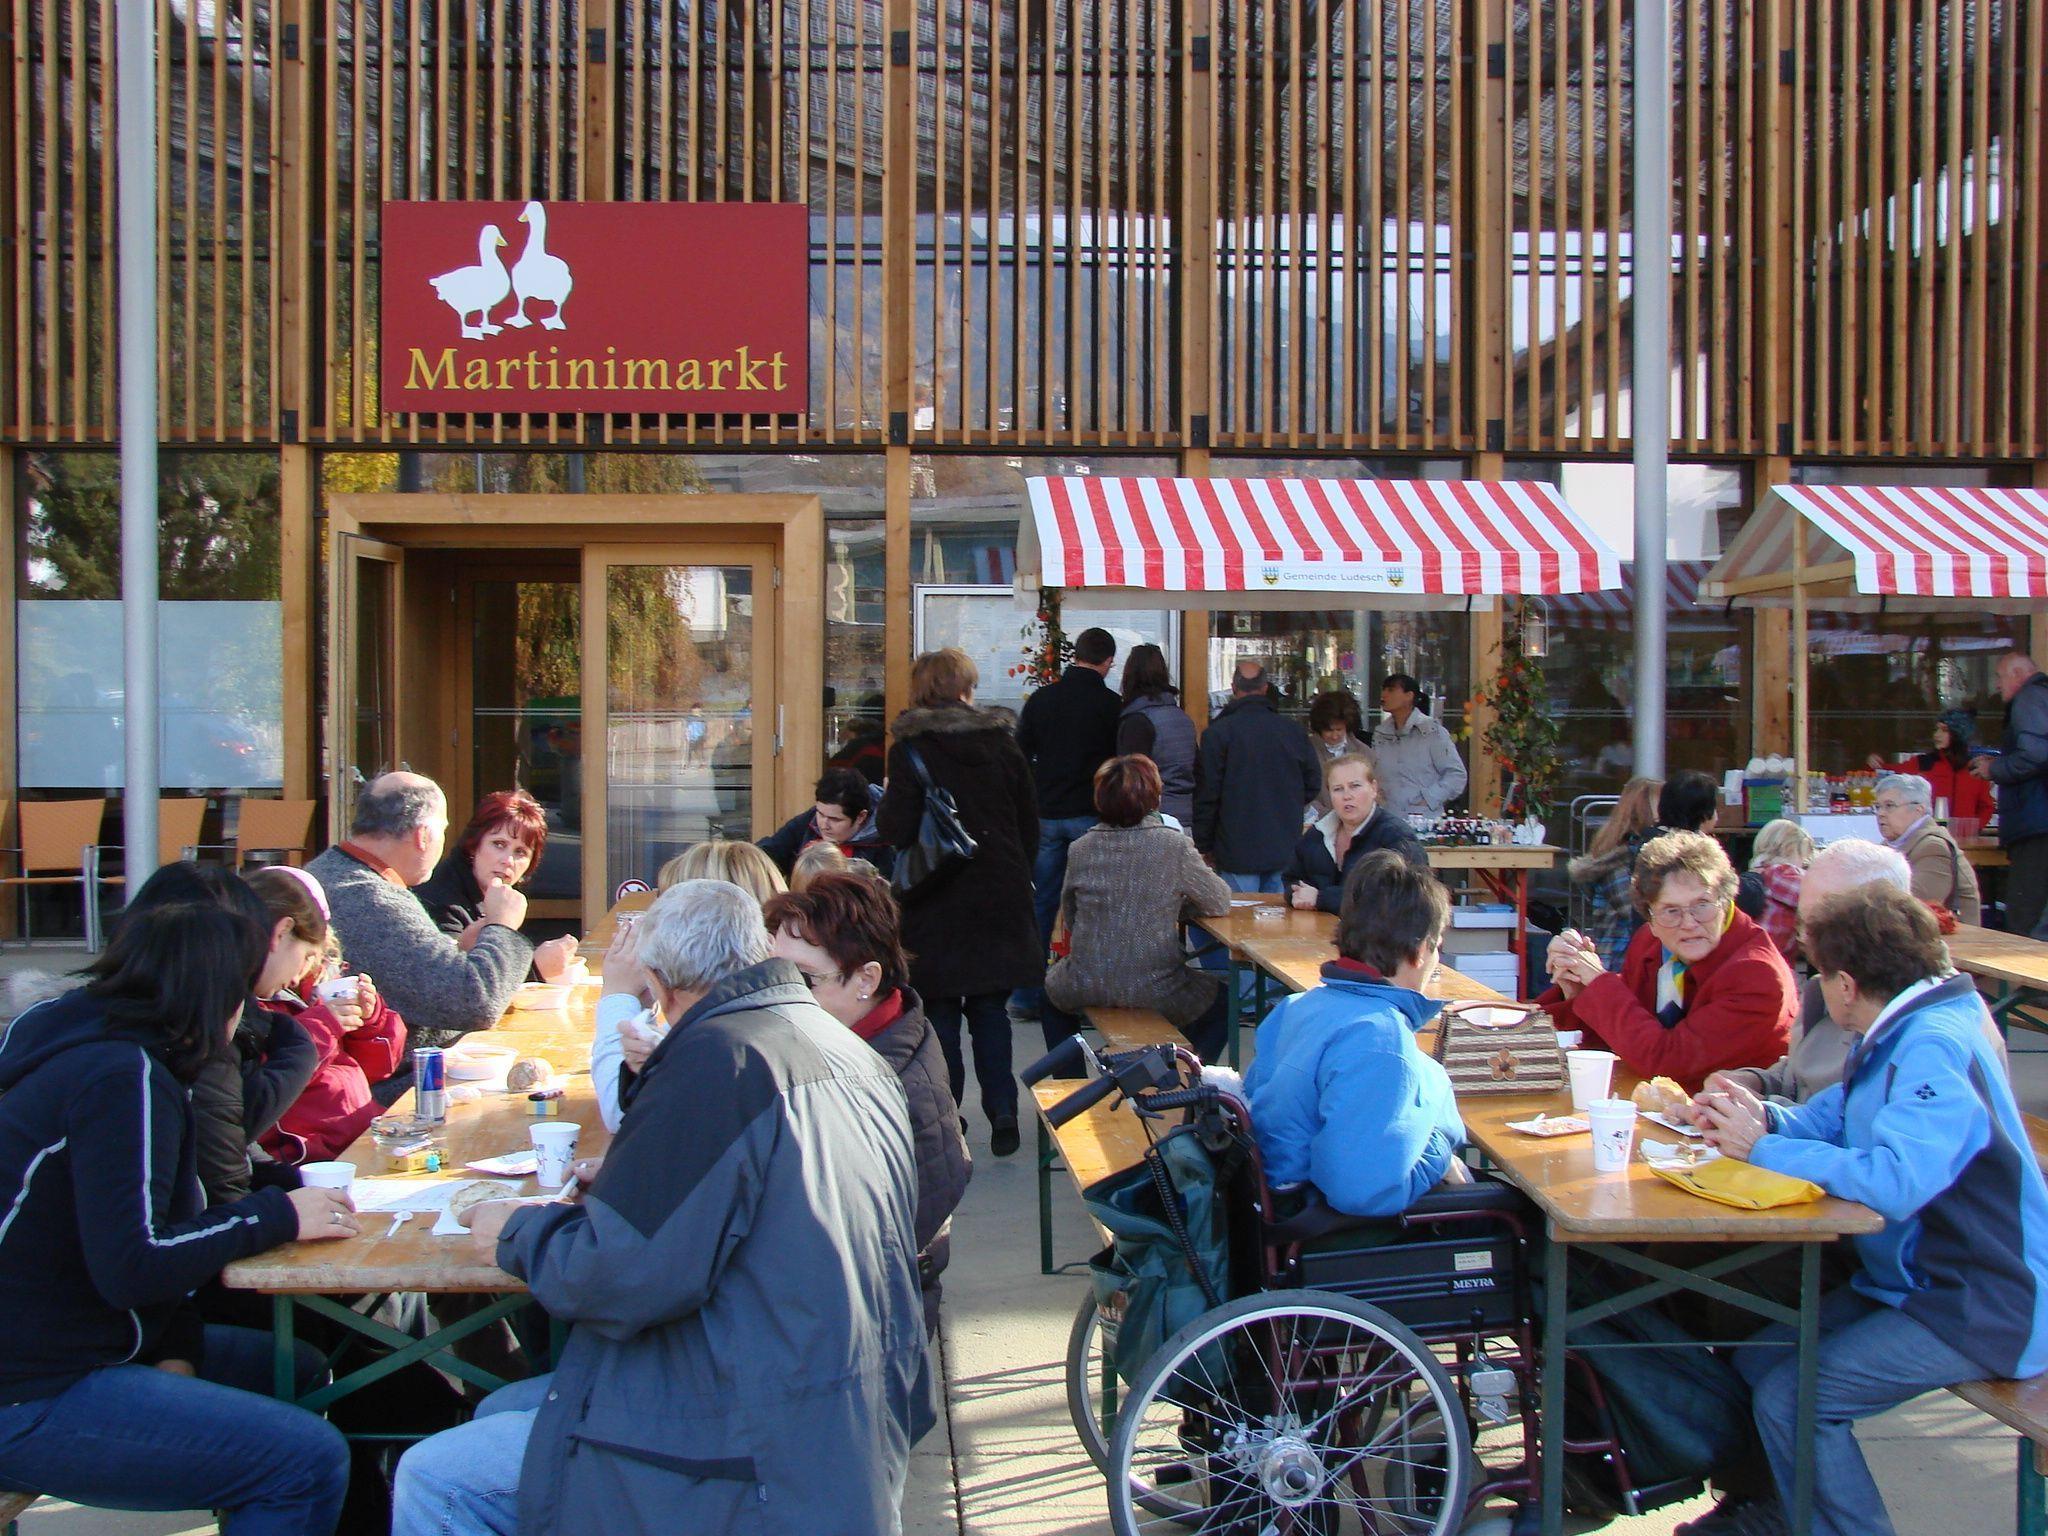 Am 10.11., nicht vergessen: Martinimarkt in Ludesch